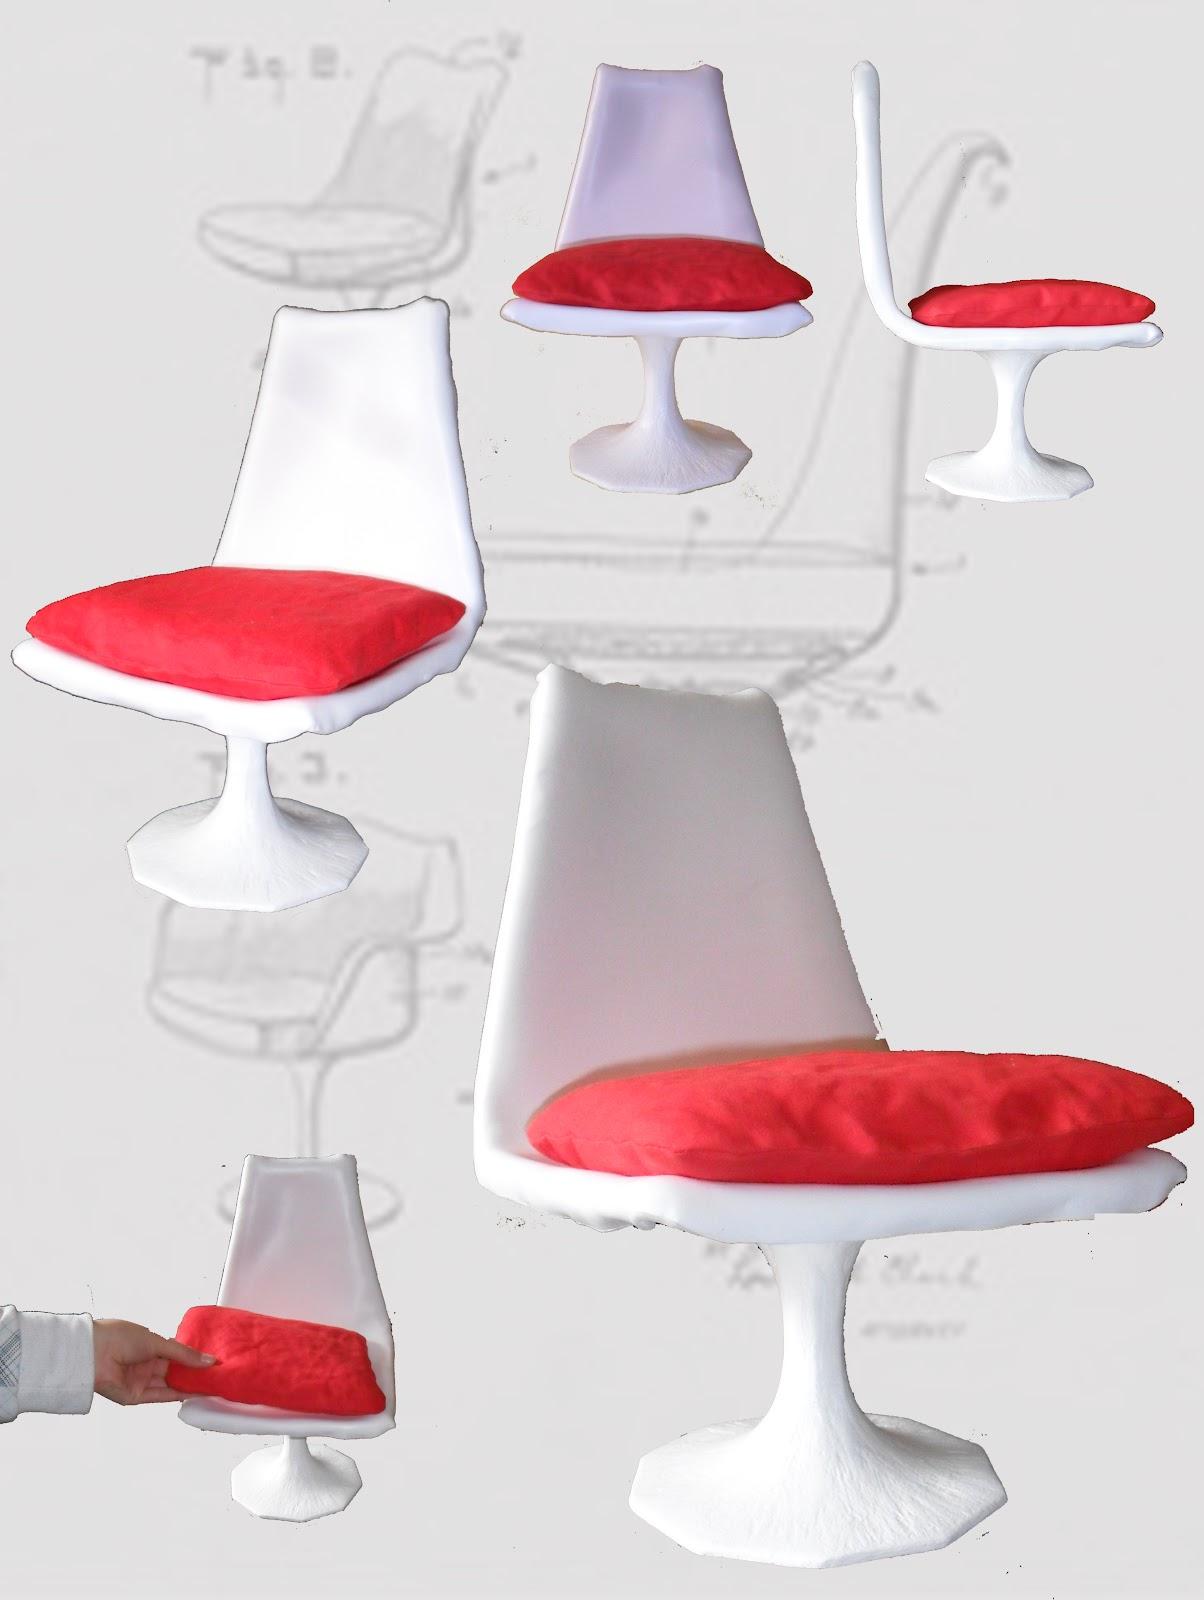 Cecilia polidori twice design la tulip chair - Sedia tulip knoll prezzo ...